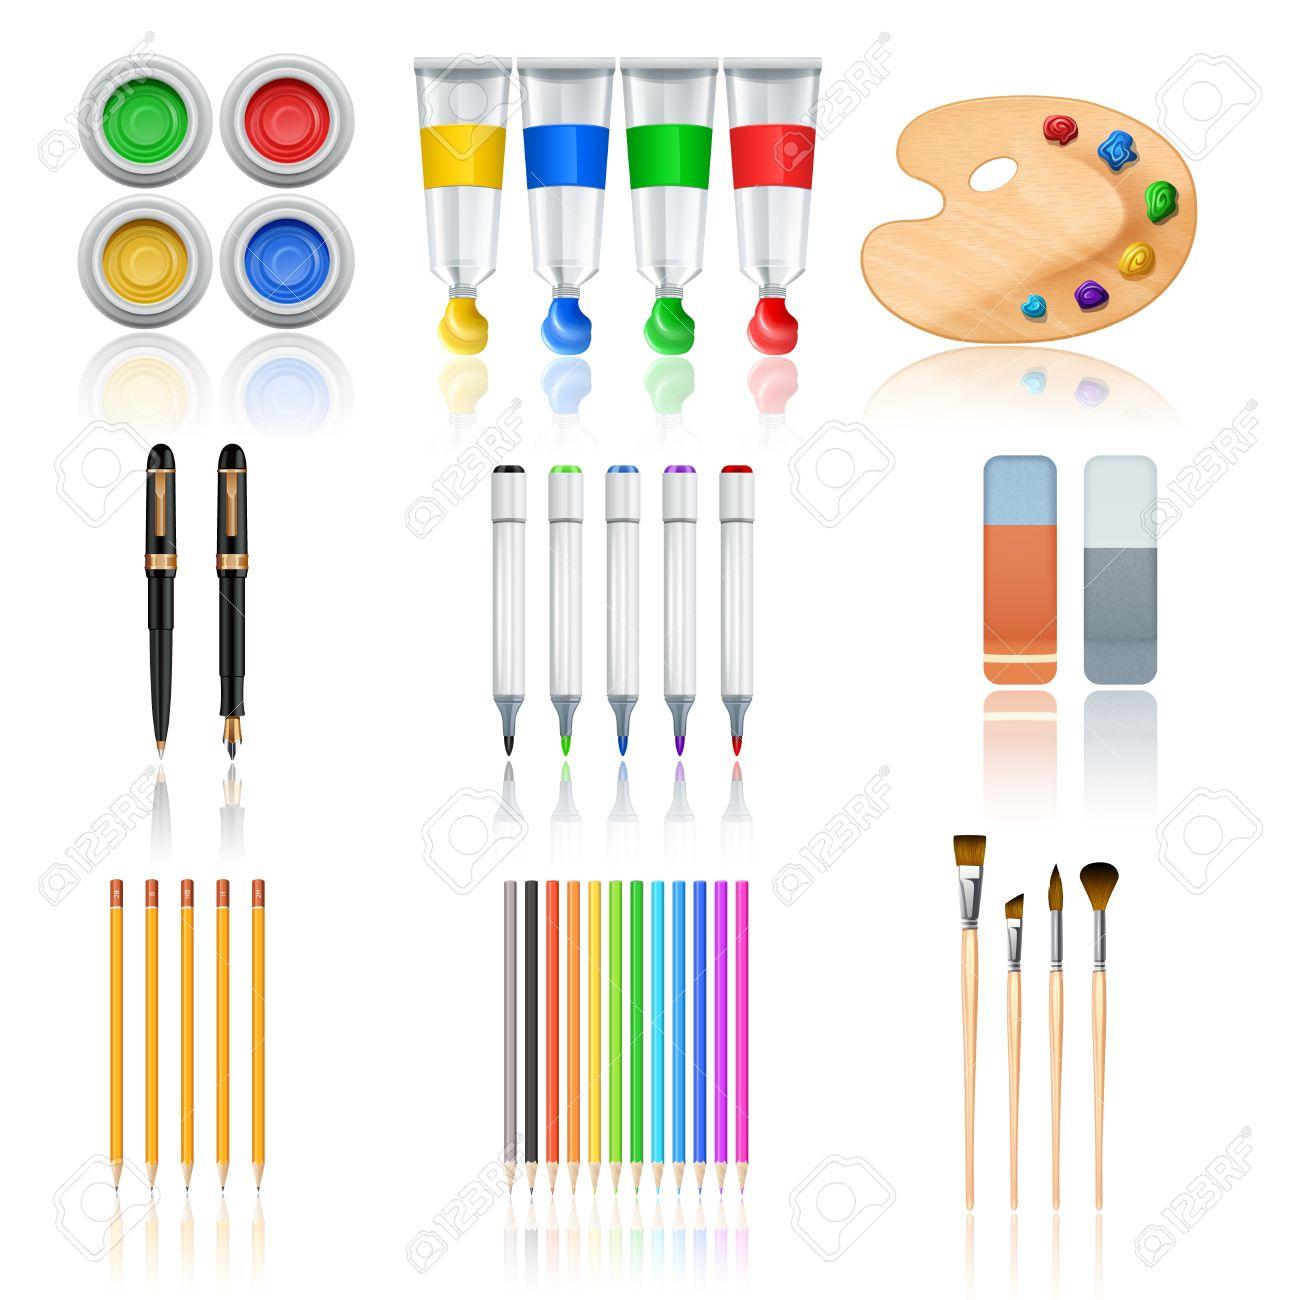 Dessin Et De Peinture Avec Des Outils Réaliste Crayons De Couleur De La Palette Et Des Pinceaux Isolé Illustration Vectorielle